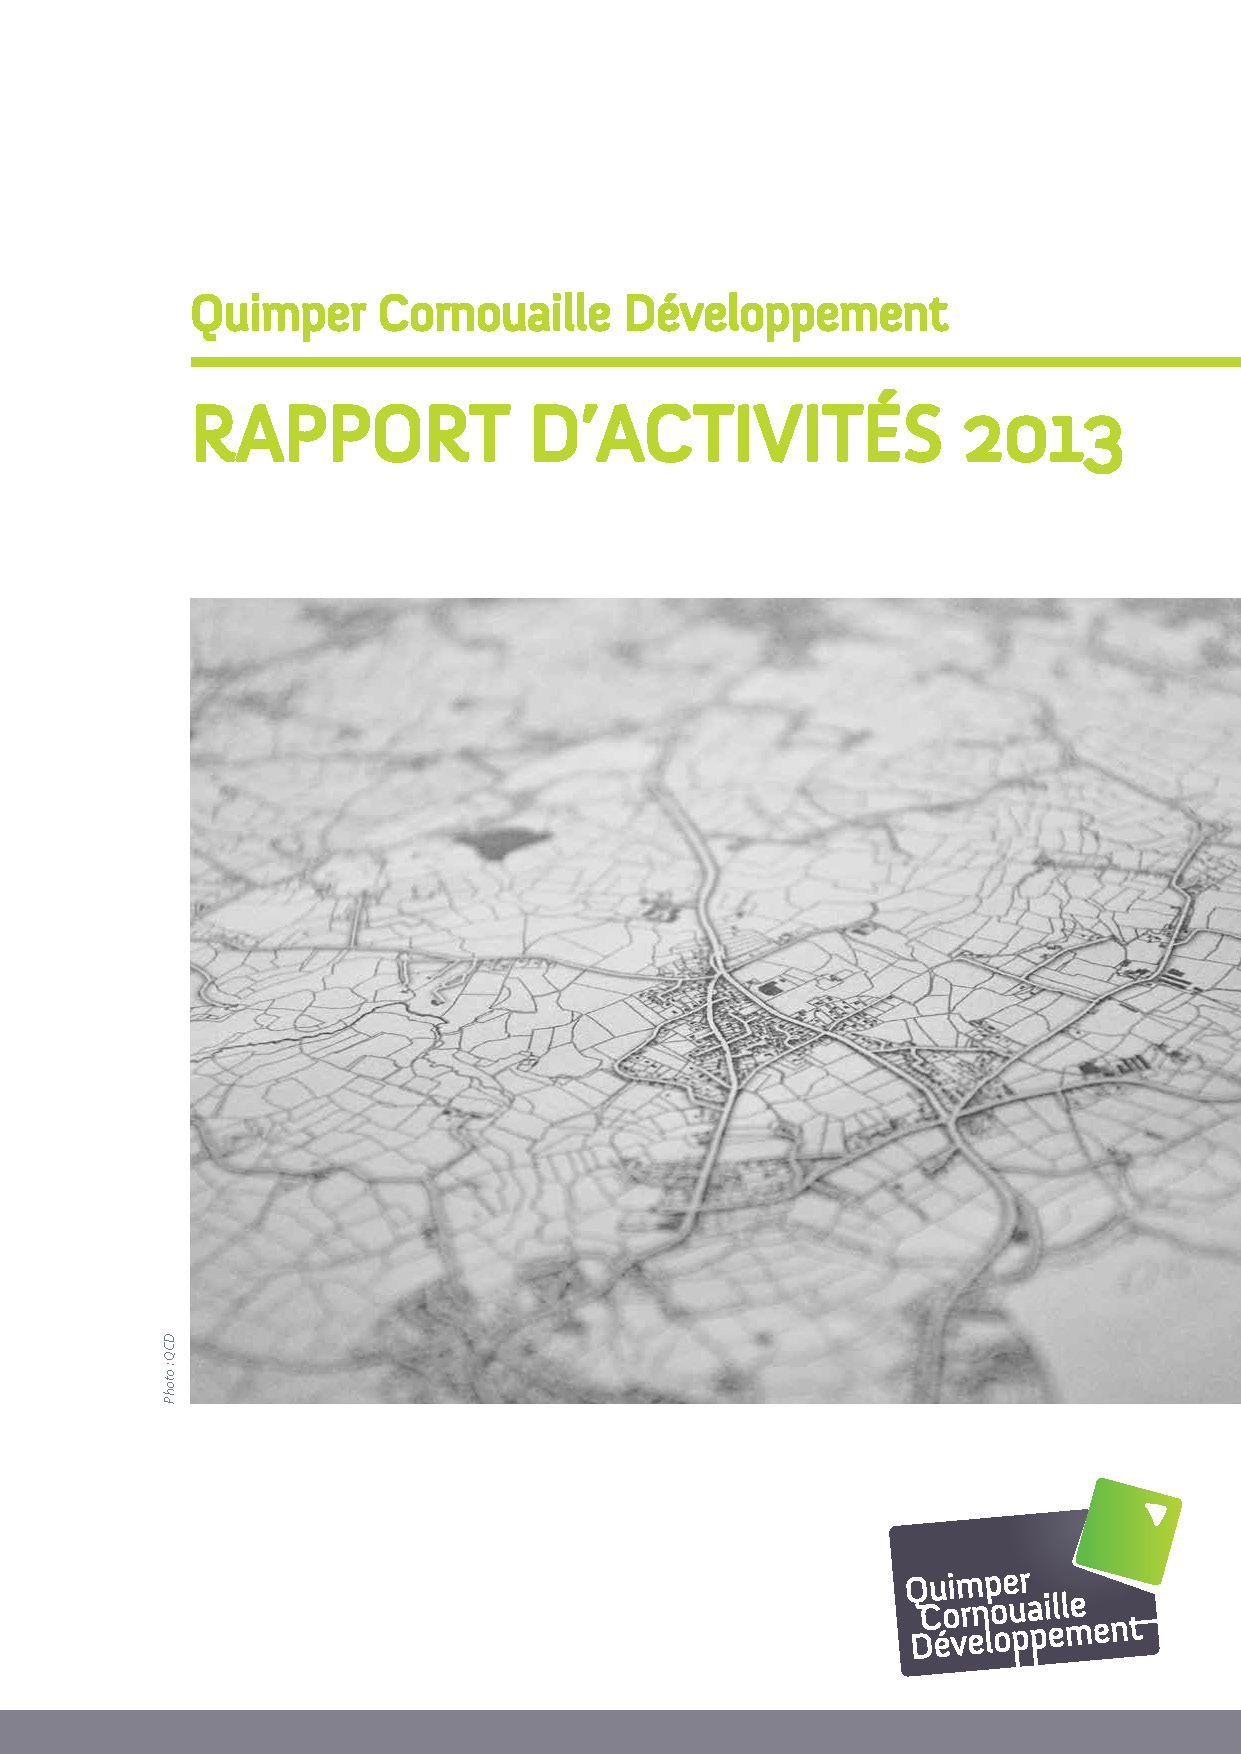 Rapport d'activités de Quimper Cornouaille Développement 2013